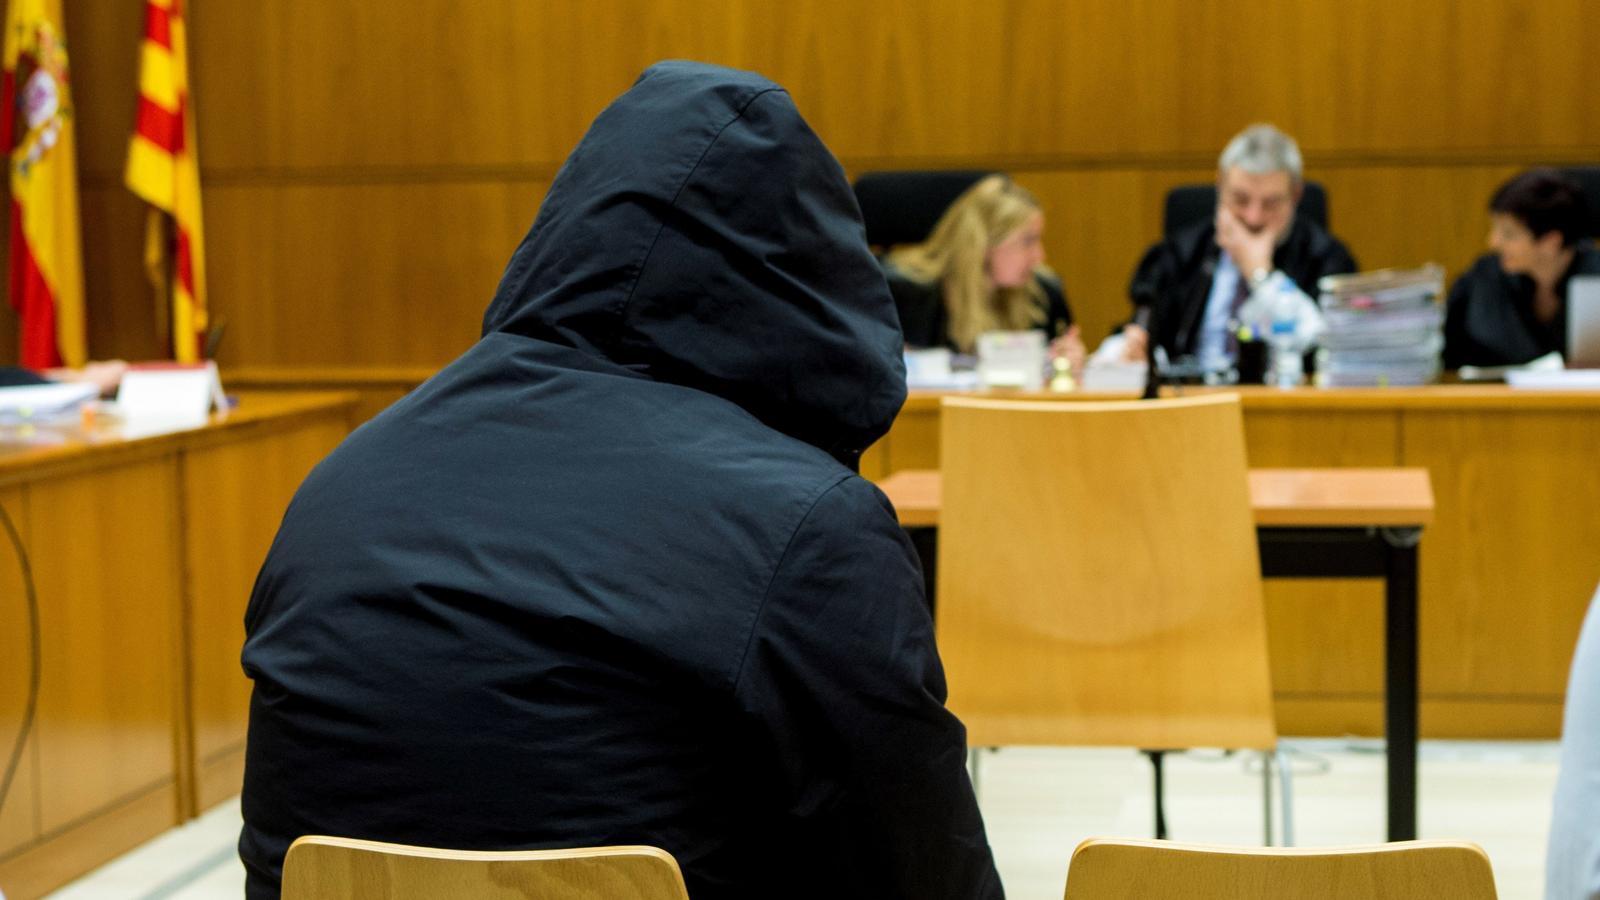 L'acusat, que s'ha tapat la cara amb una caputxa, a la secció 21 de l'Audiència de Barcelona